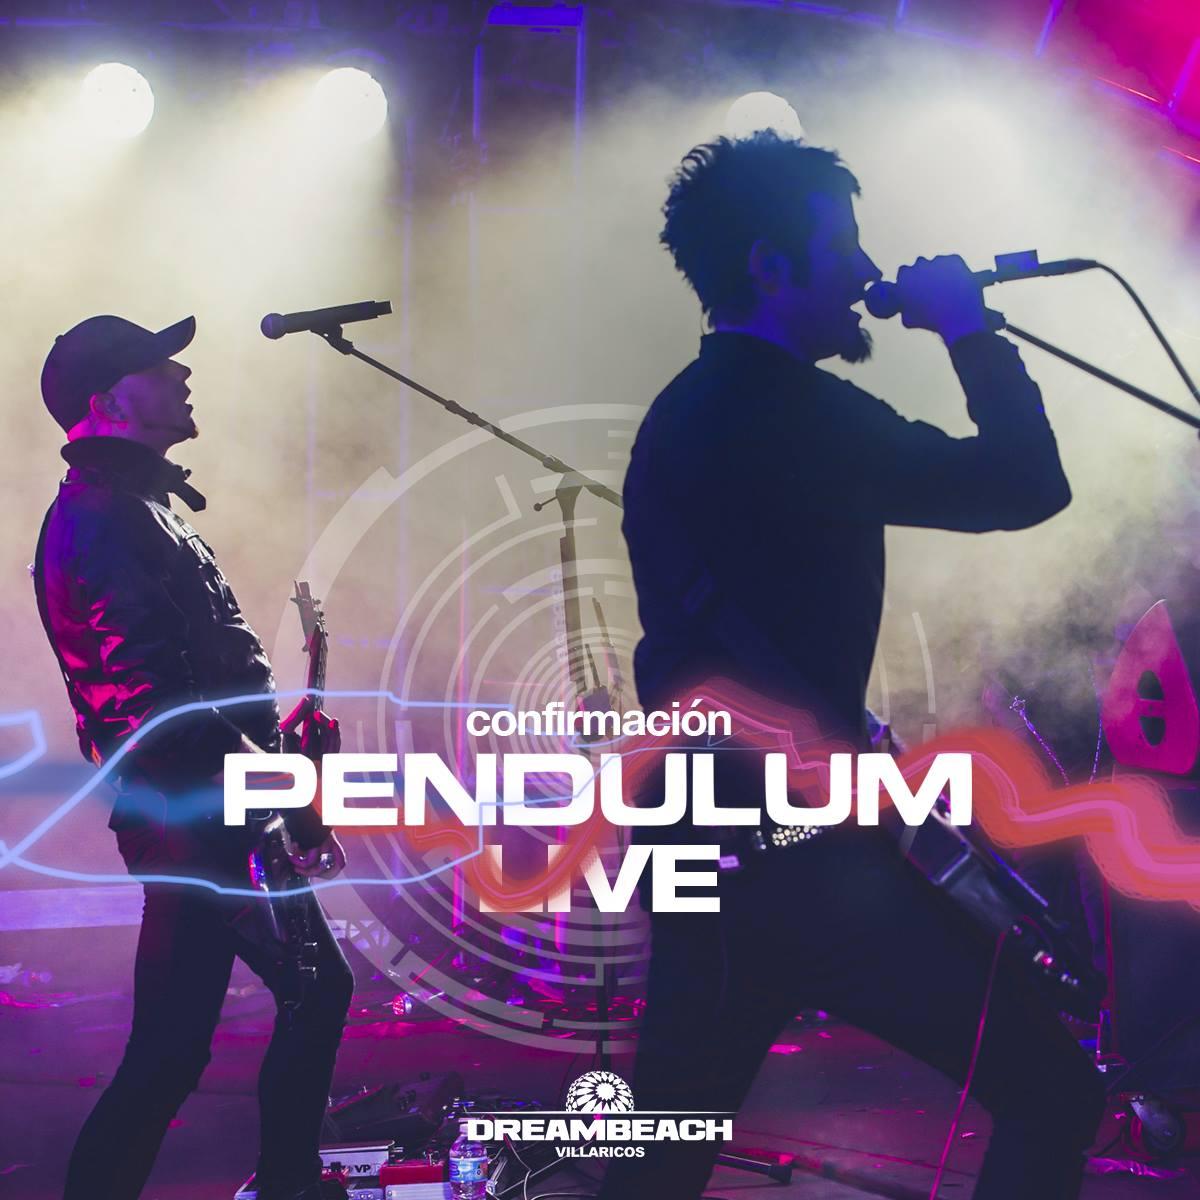 dreambeach pendulum